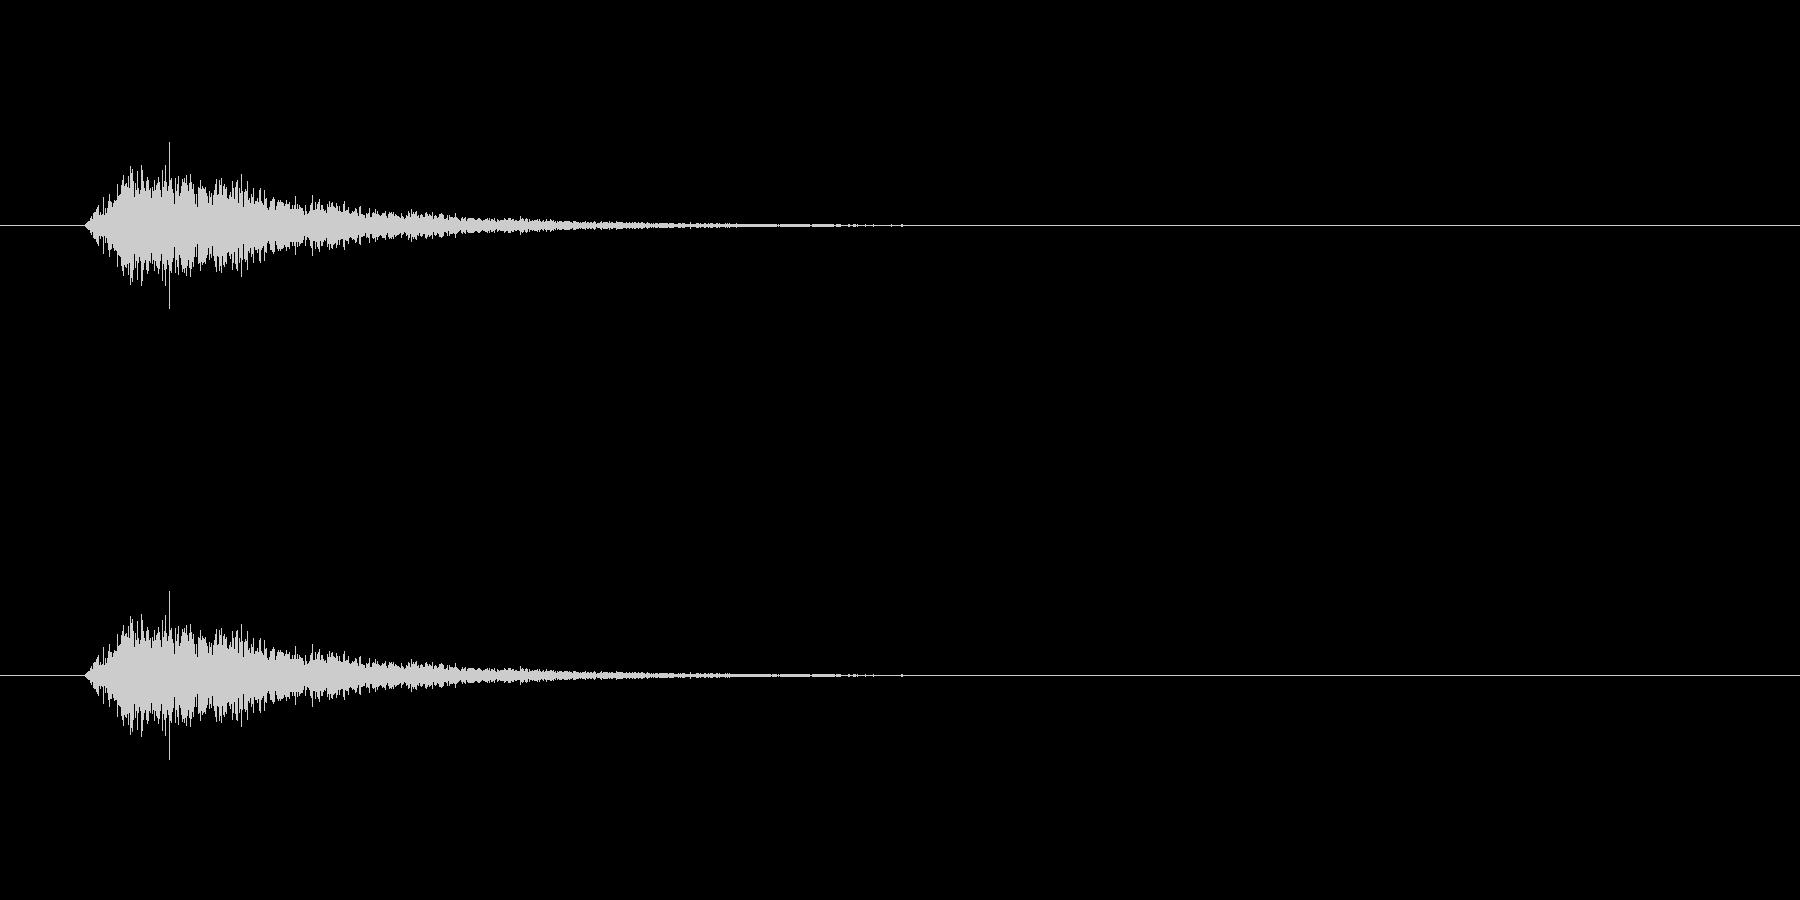 【ポップモーション41-3】の未再生の波形